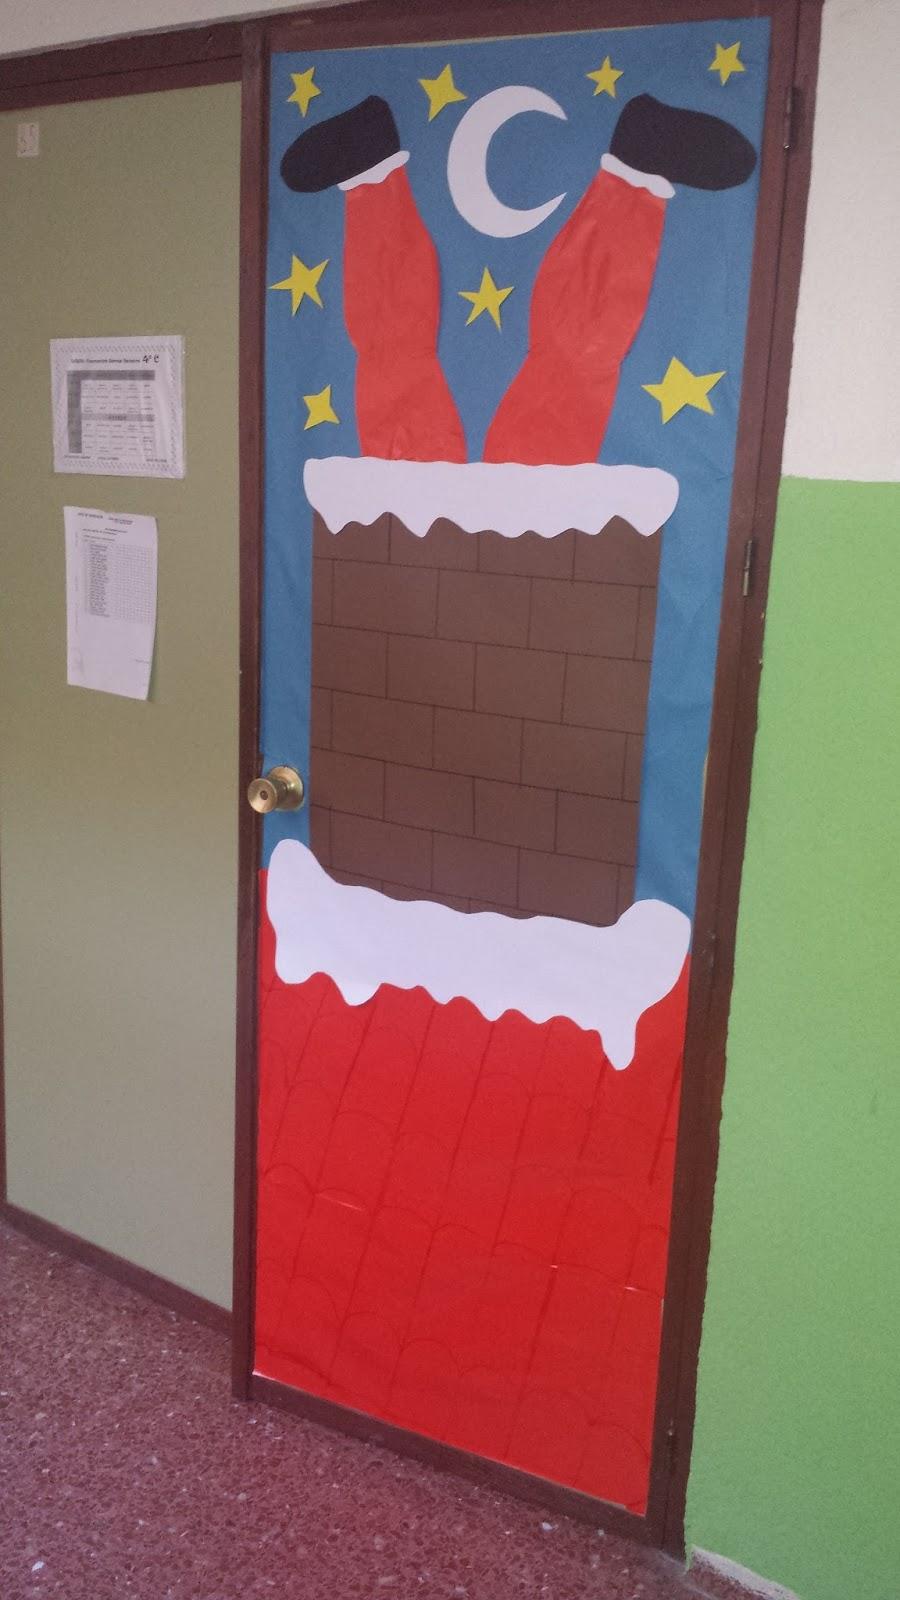 Decoraciones para puertas de navidad con reciclaje for Puertas decoradas navidad material reciclable